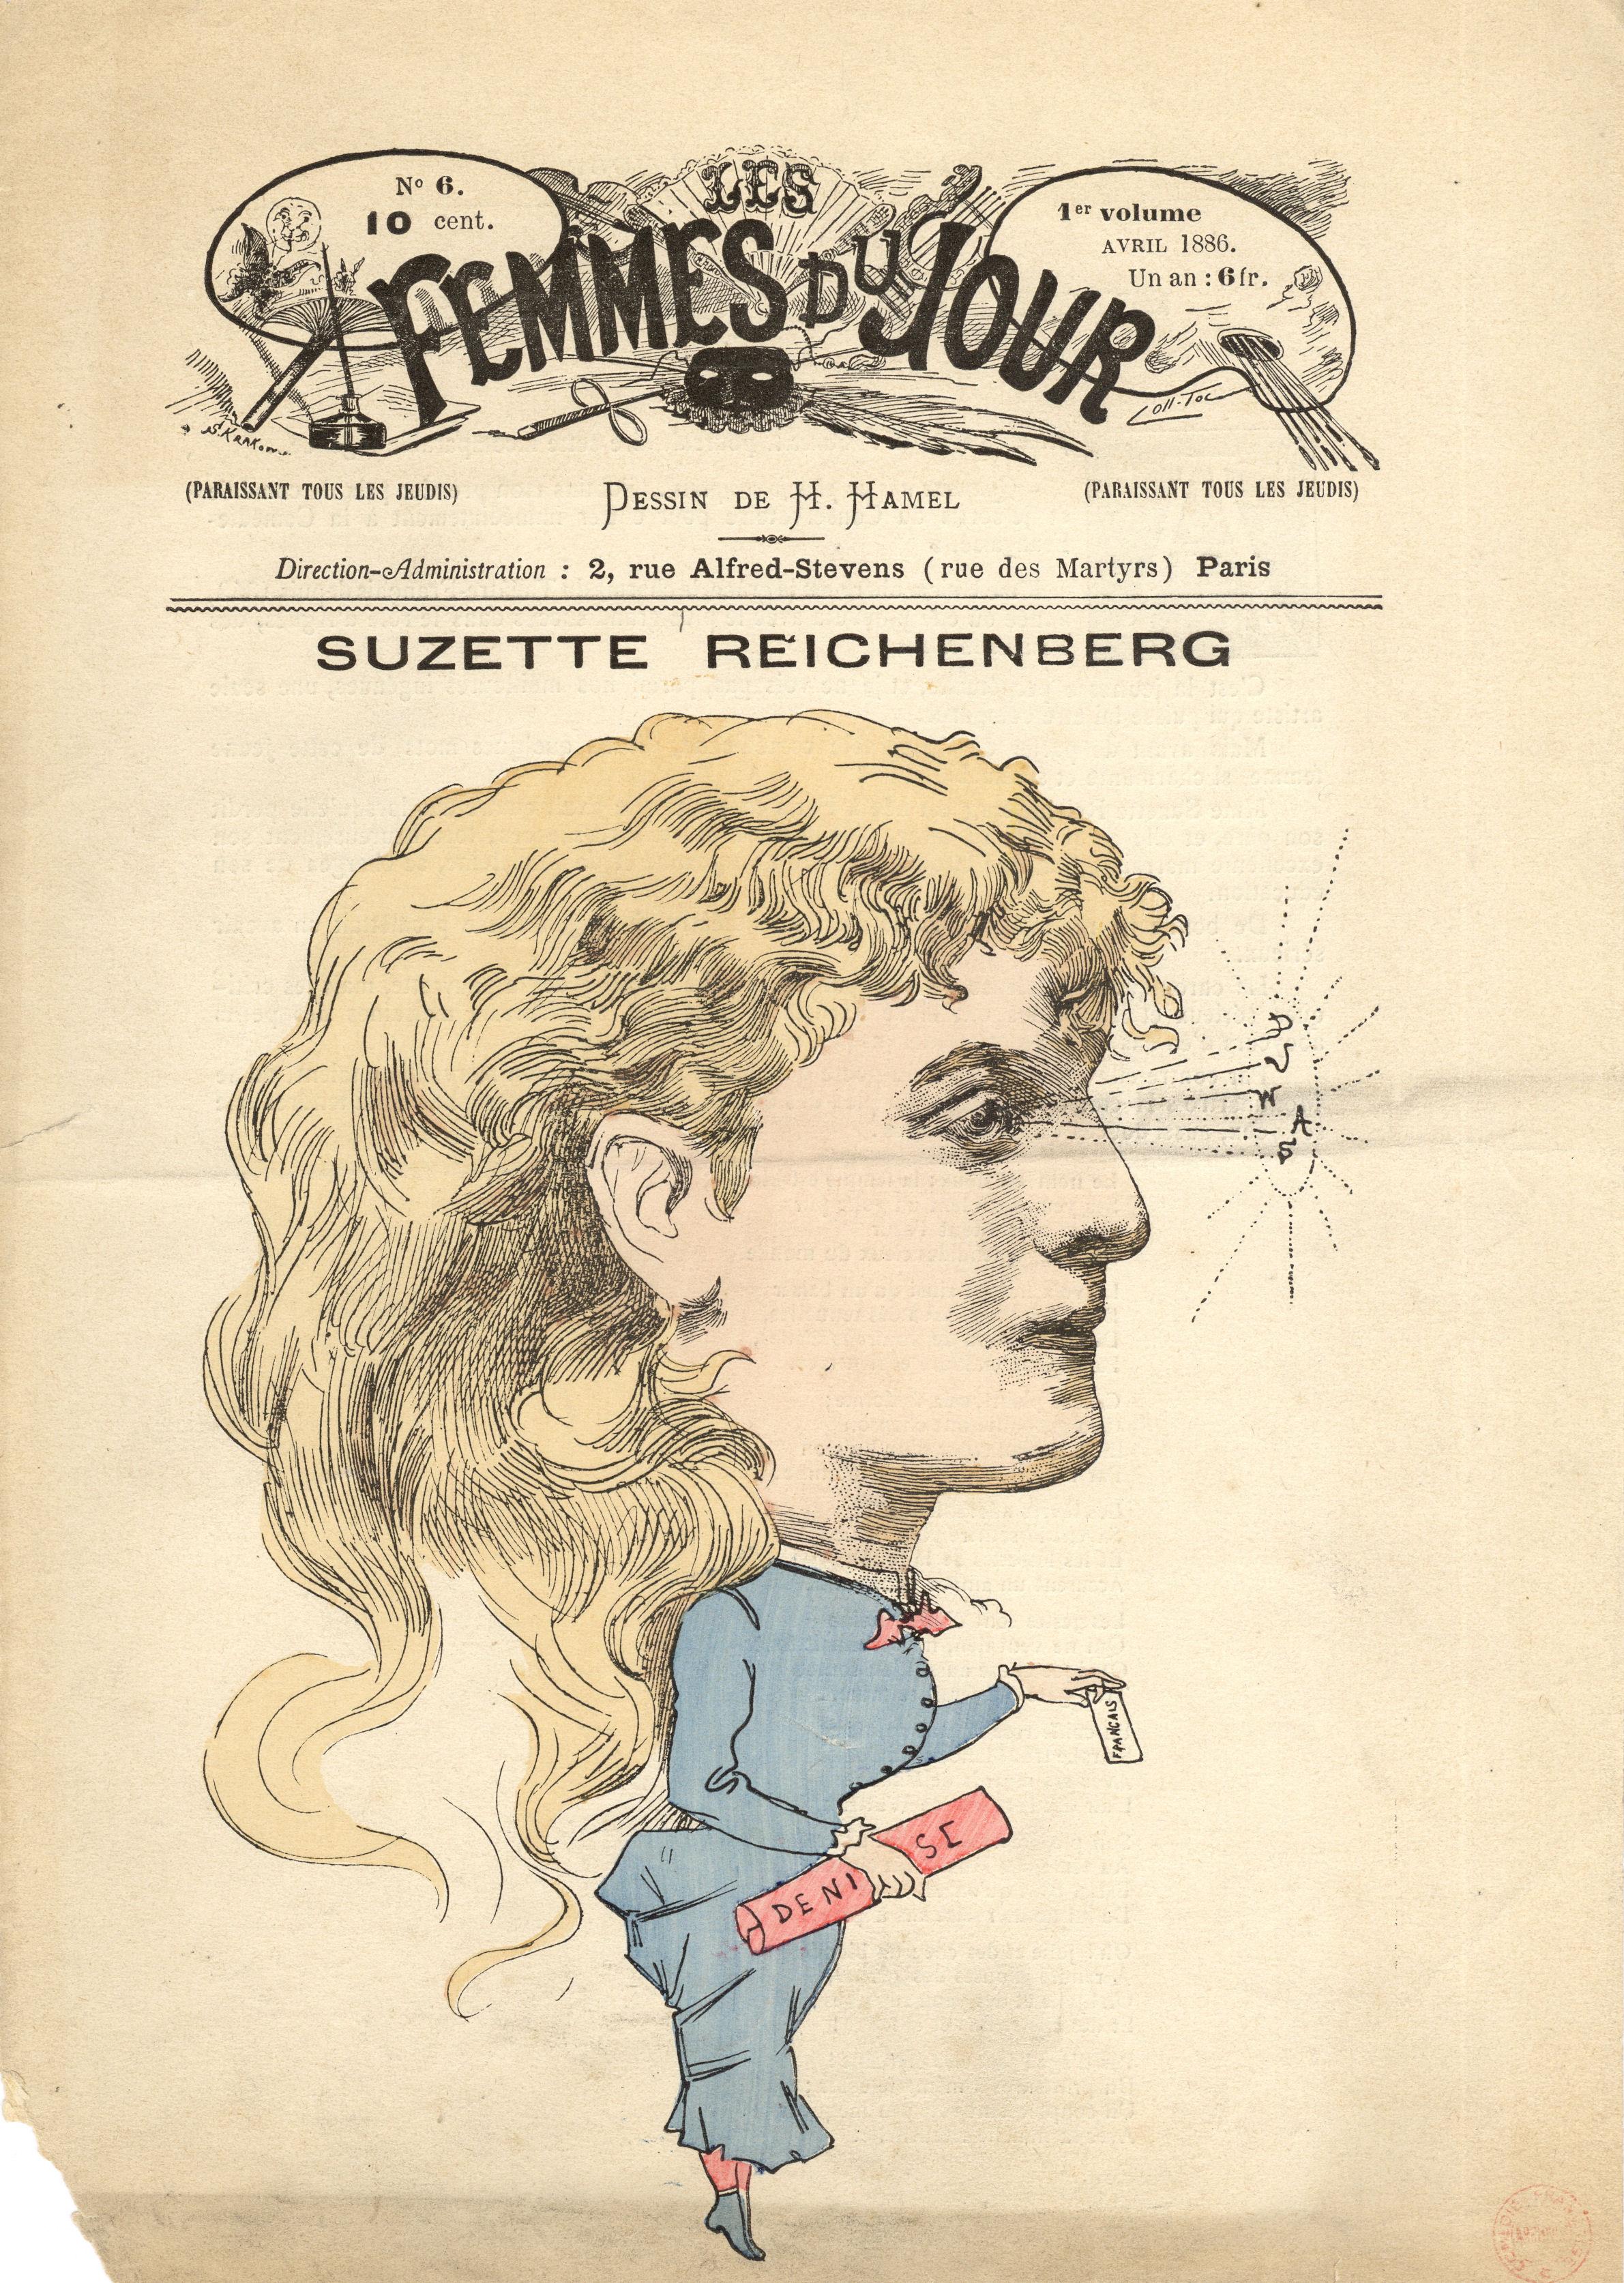 13-suzanne-reichenberg-caricature-de-h.-hamel-dans-les-femmes-du-jour-1886